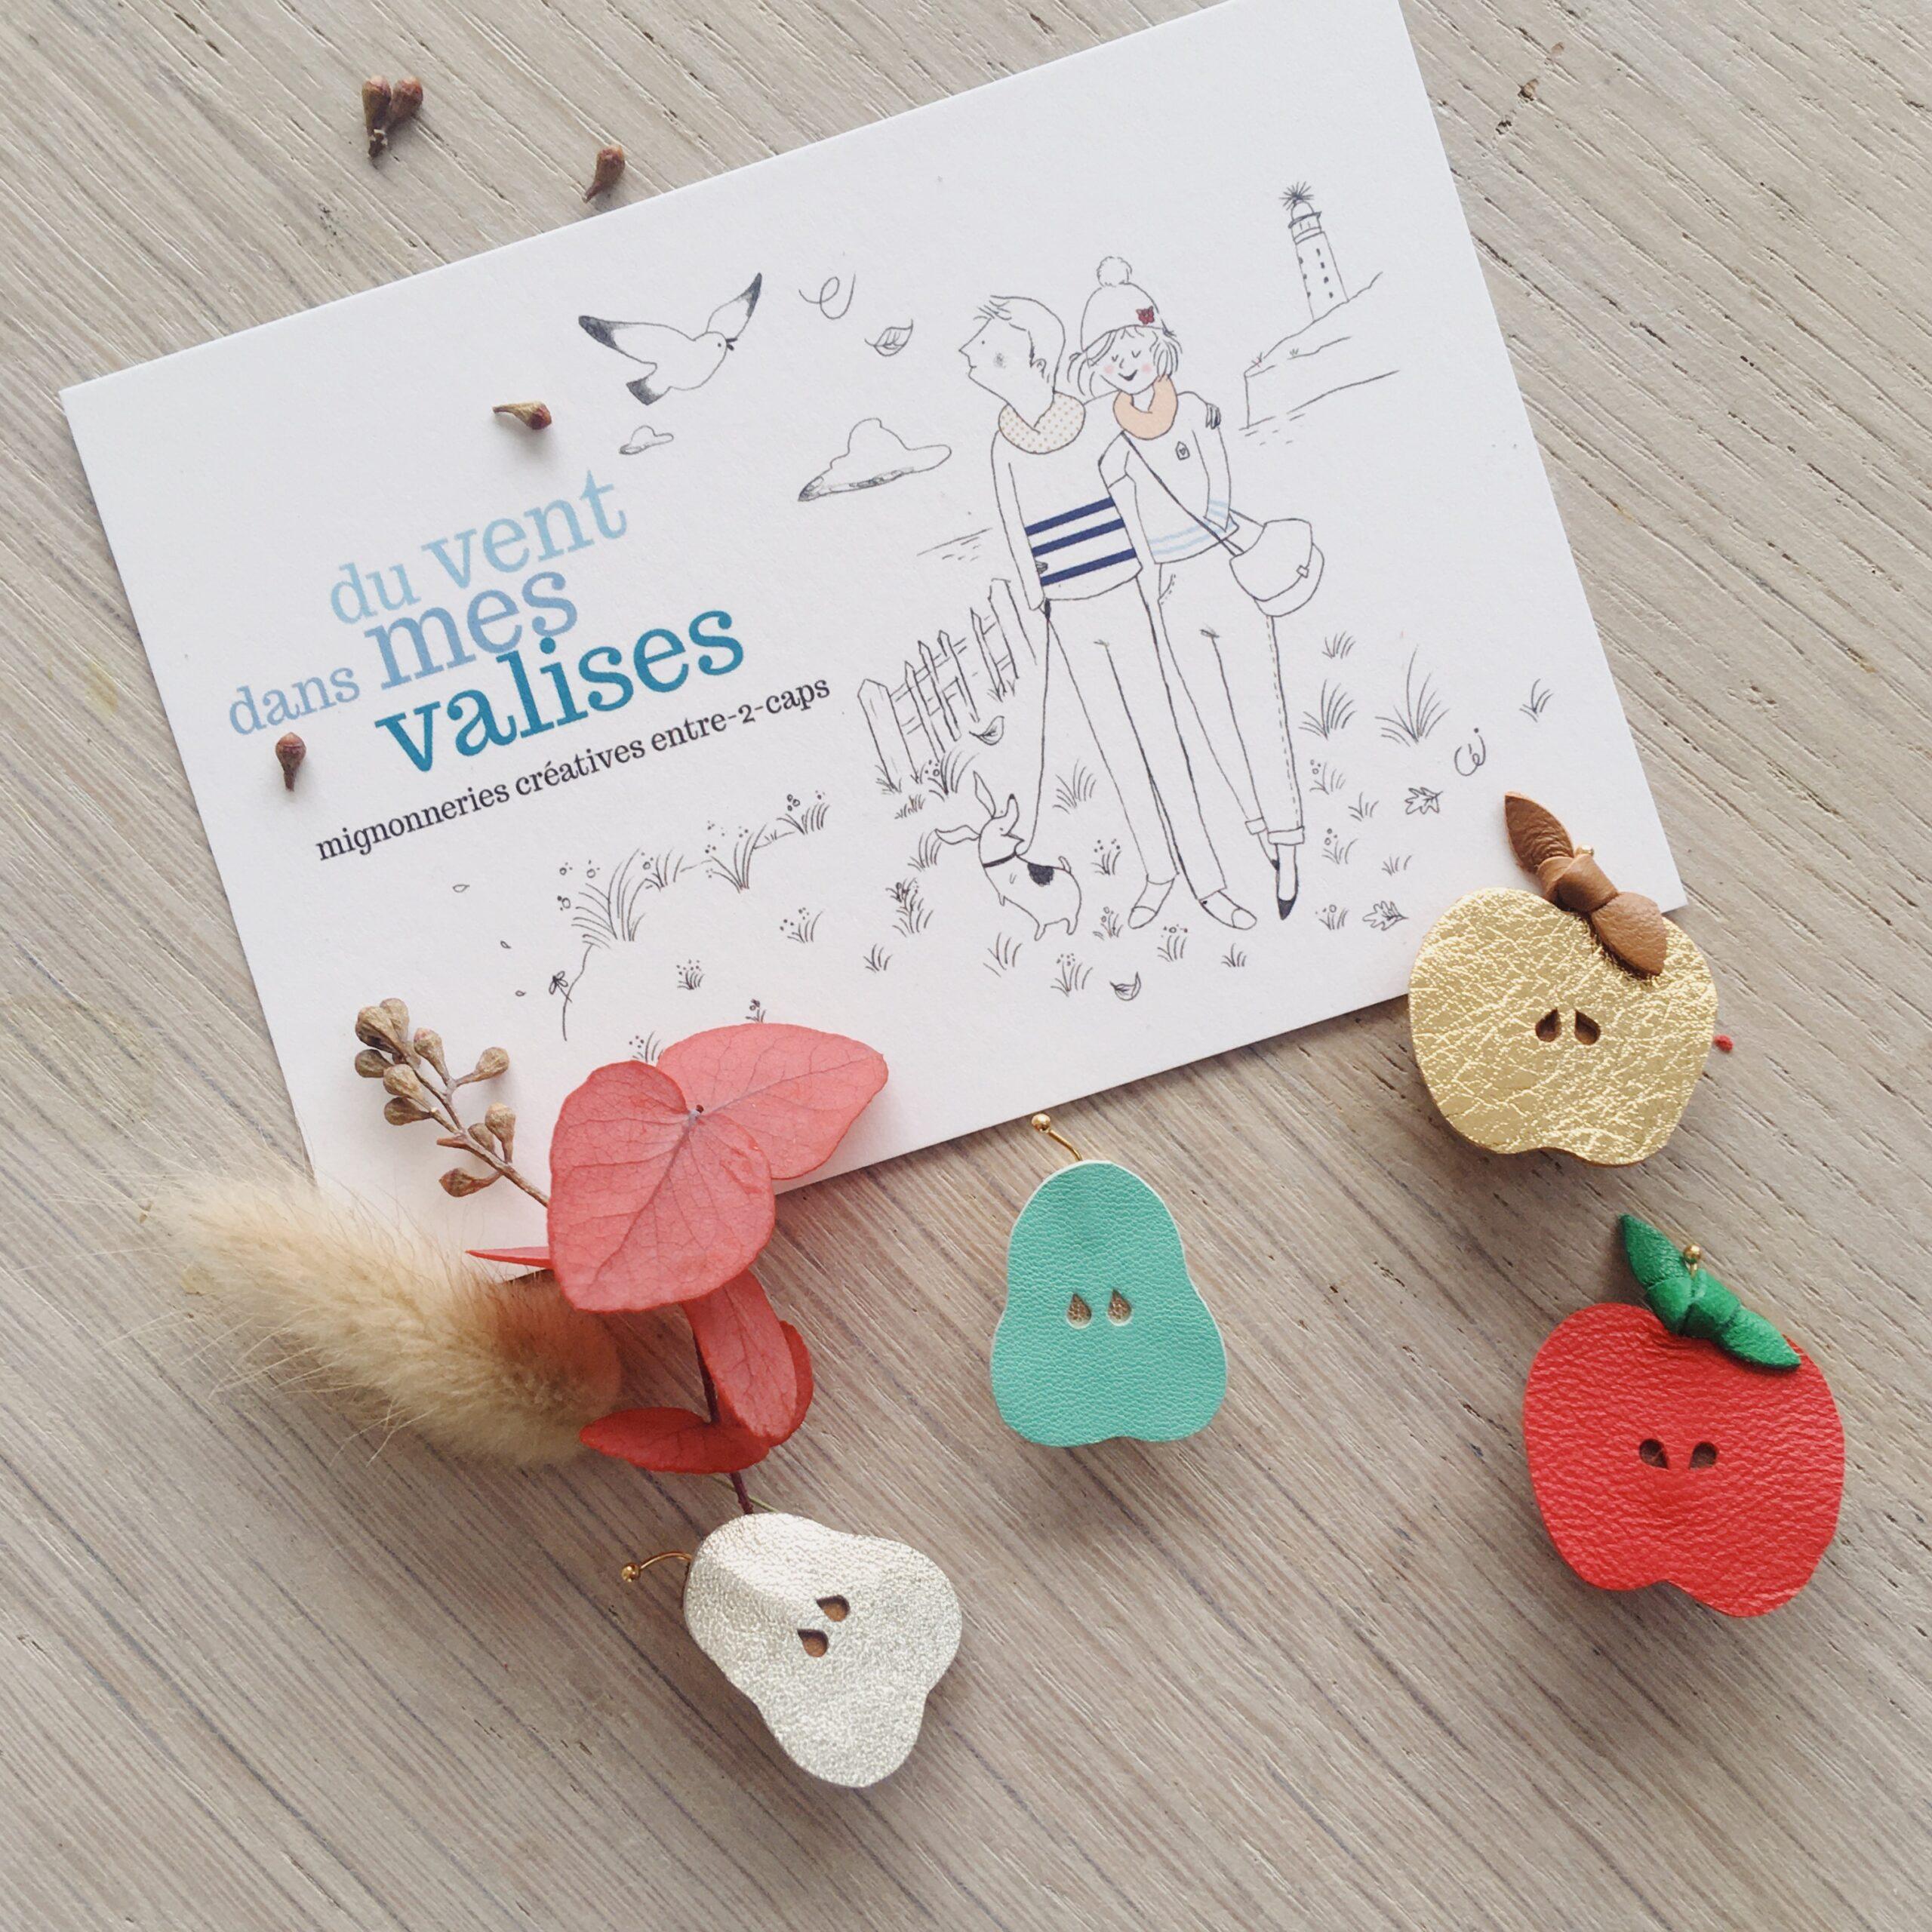 broches-bijoux-fruits-de-saison-automnale-pommes-et-poires-made-in-France-du-vent-dans-mes-valises